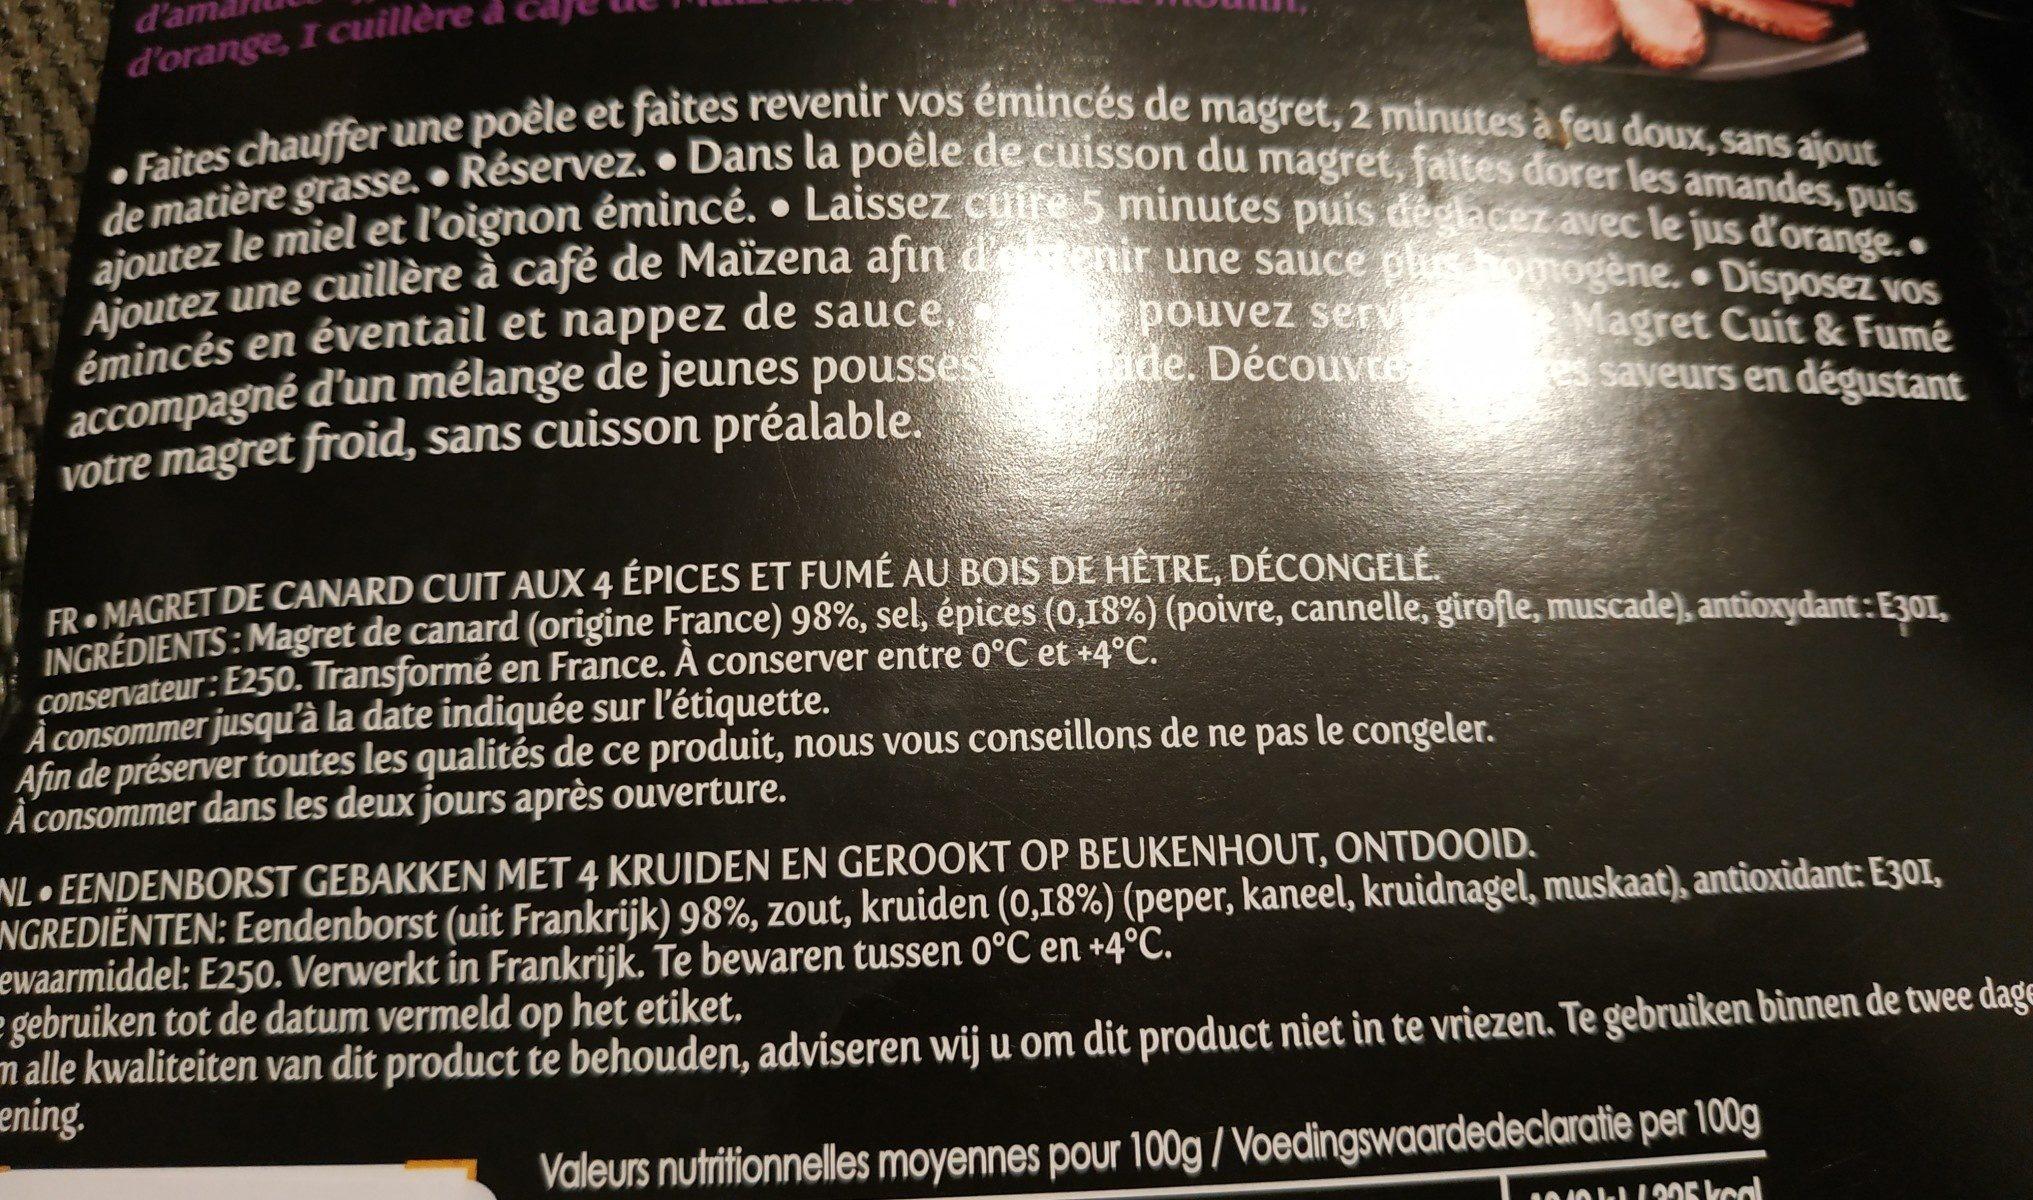 Magret de canard cuit aux 4 épices - Ingrédients - fr